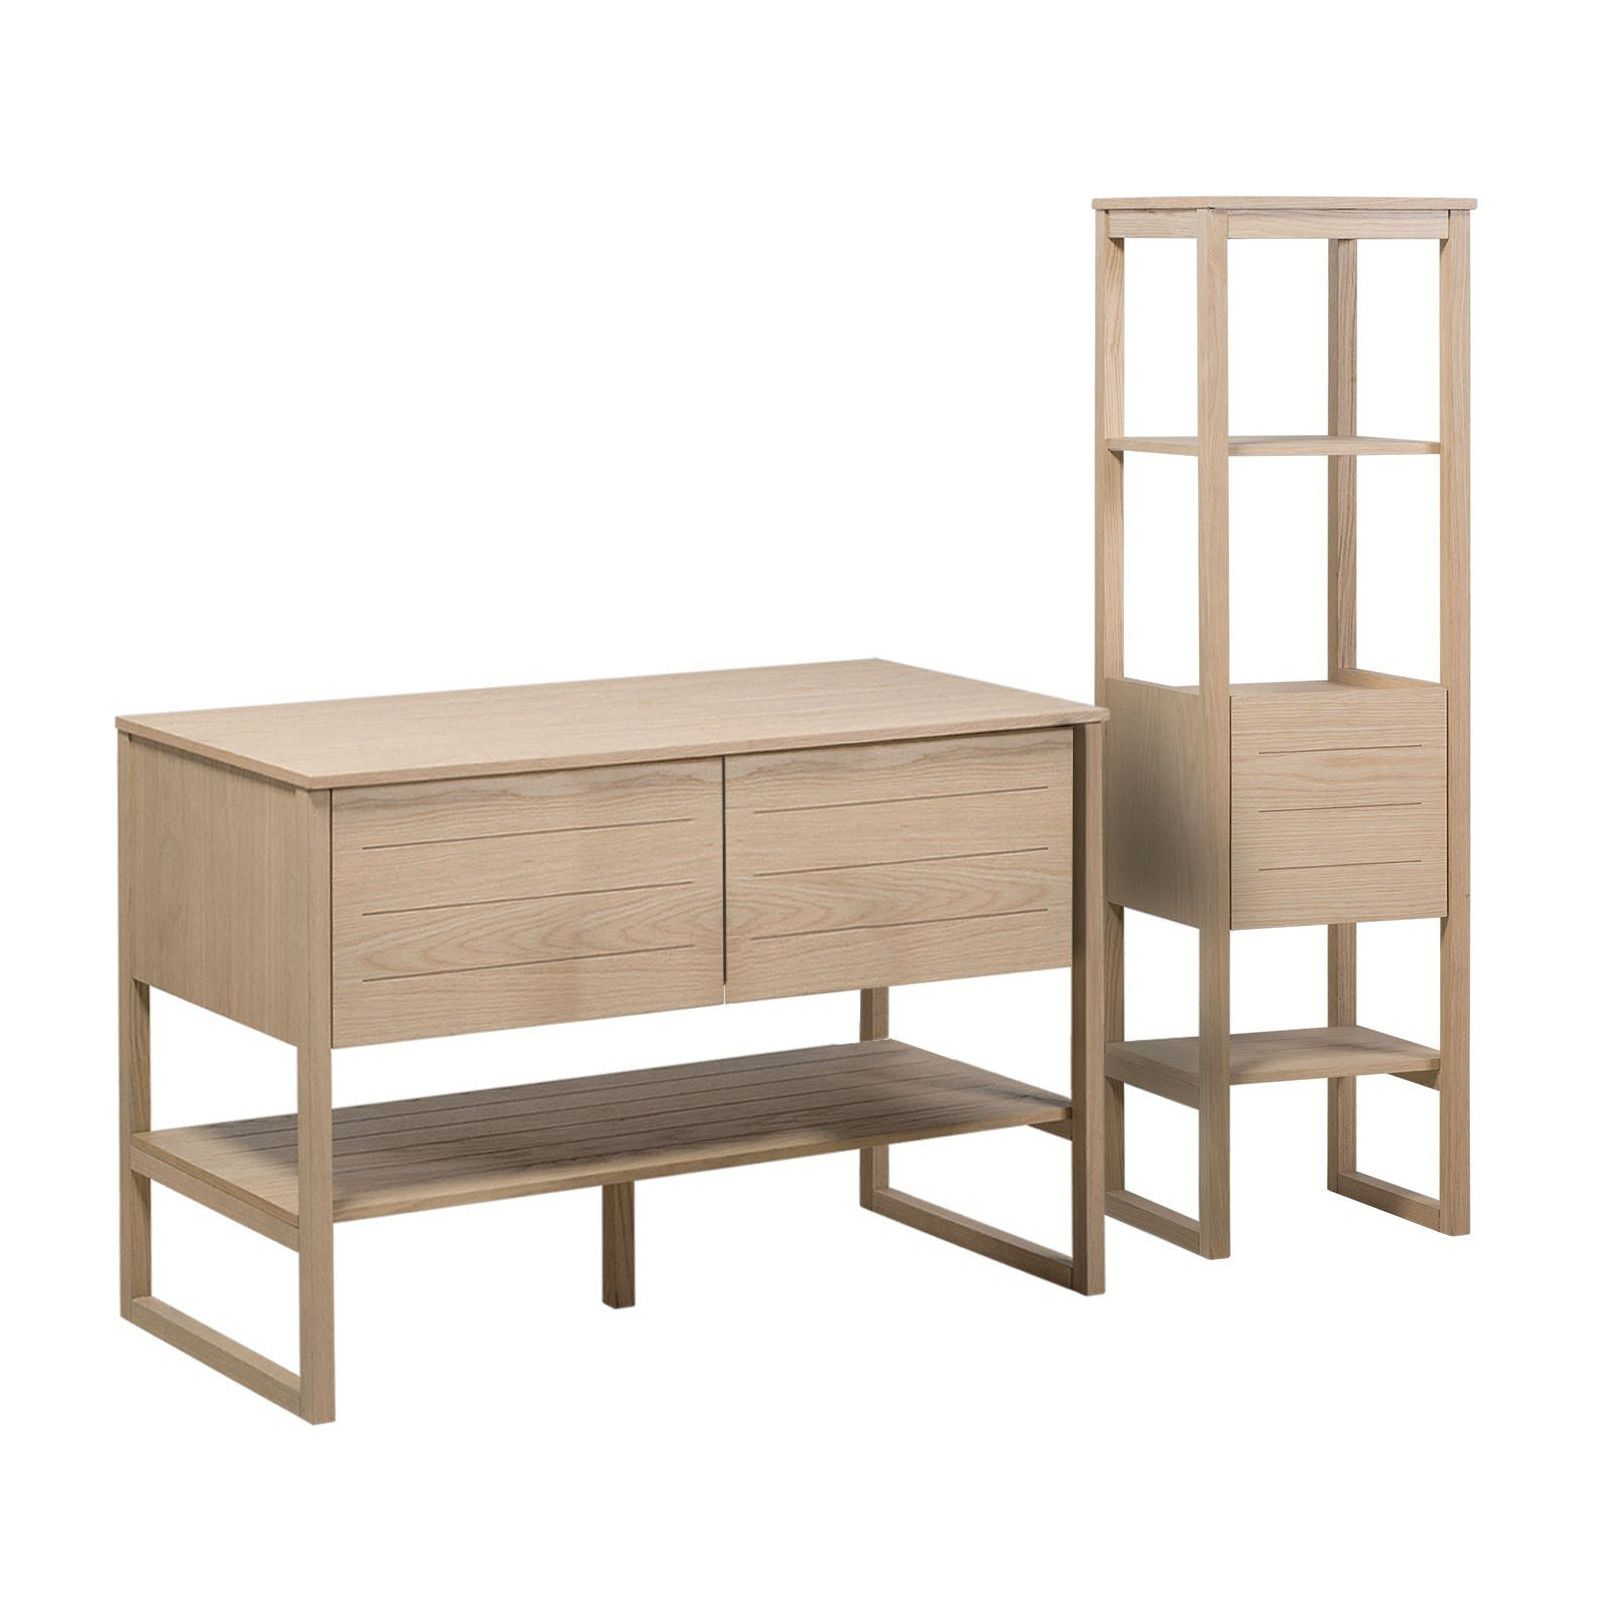 Meuble de salle de bain avec colonne effet bois clair